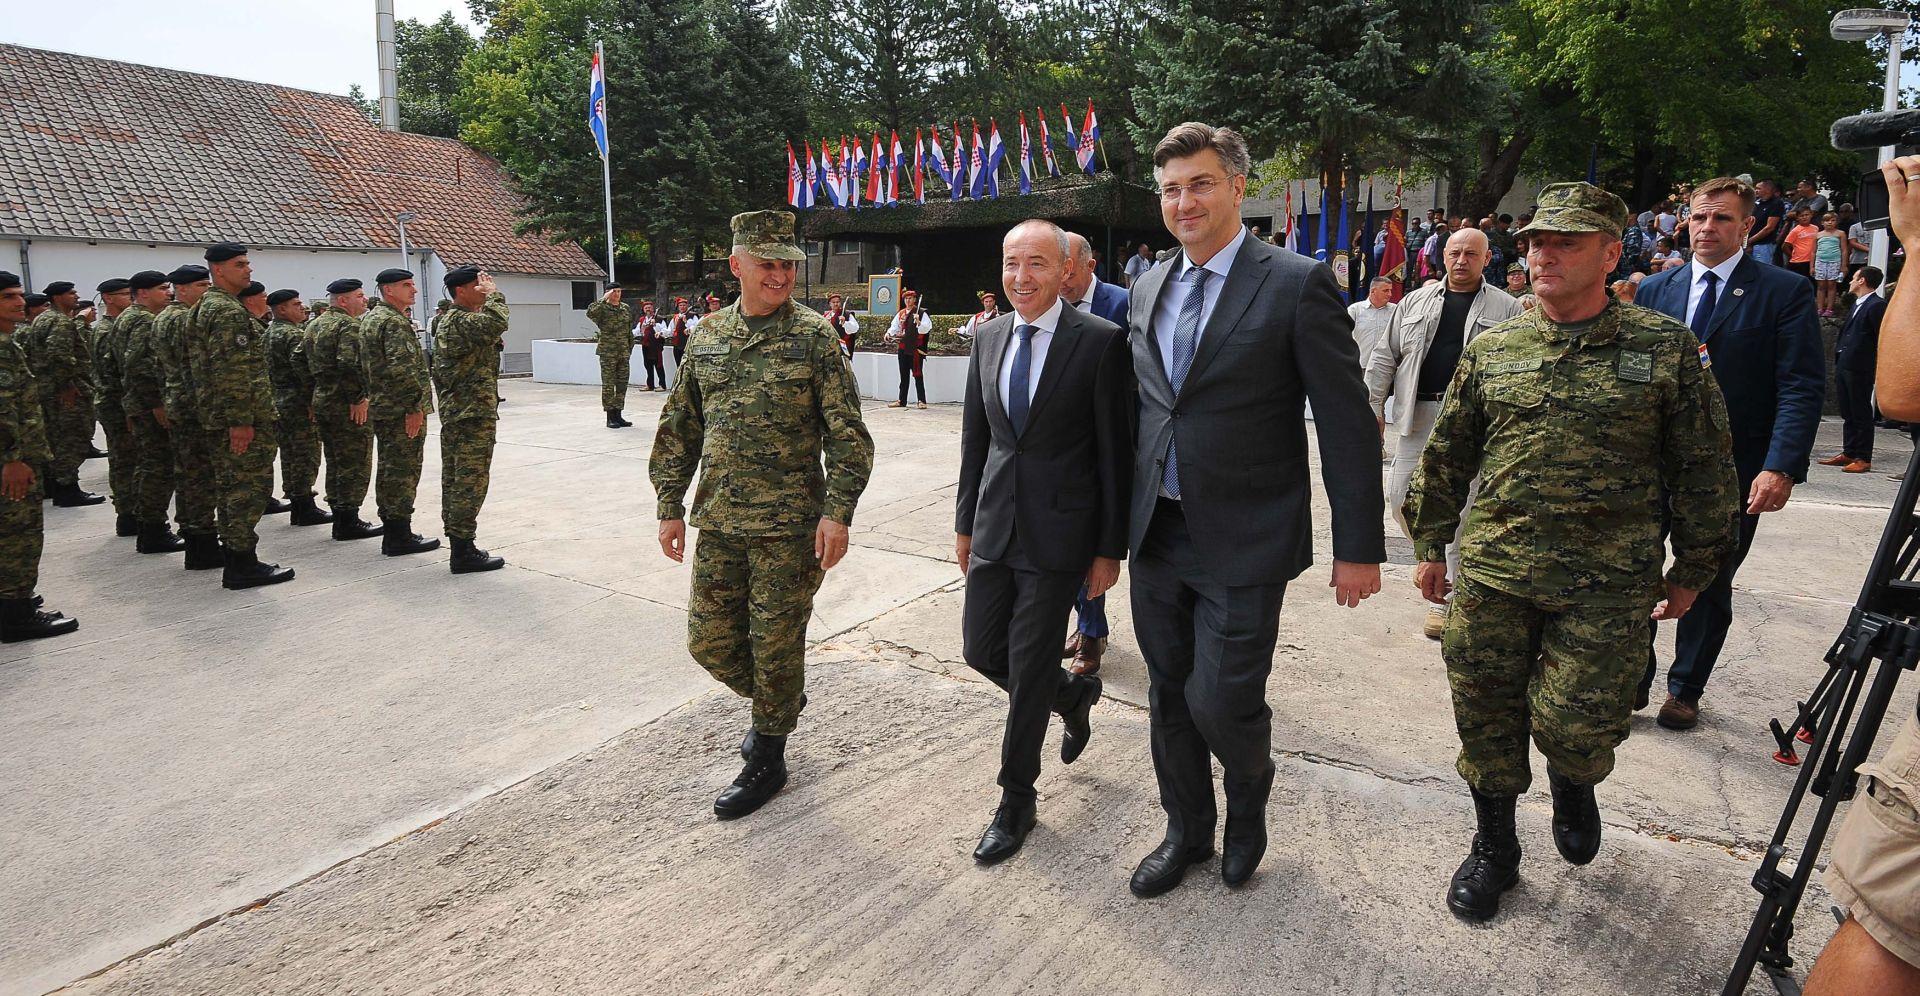 POTPREDSJEDNIK VLADE KRSTIČEVIĆ: Imamo nove ugroze, rizike s kojima se suočavasvako moderno društvo, pa tako i hrvatsko